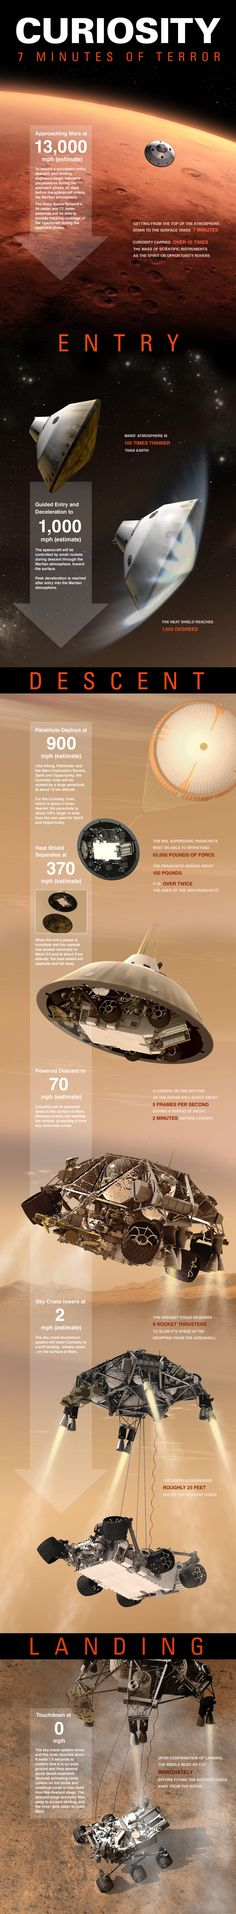 火星探査機「キュリオシティ」の恐怖の7分間